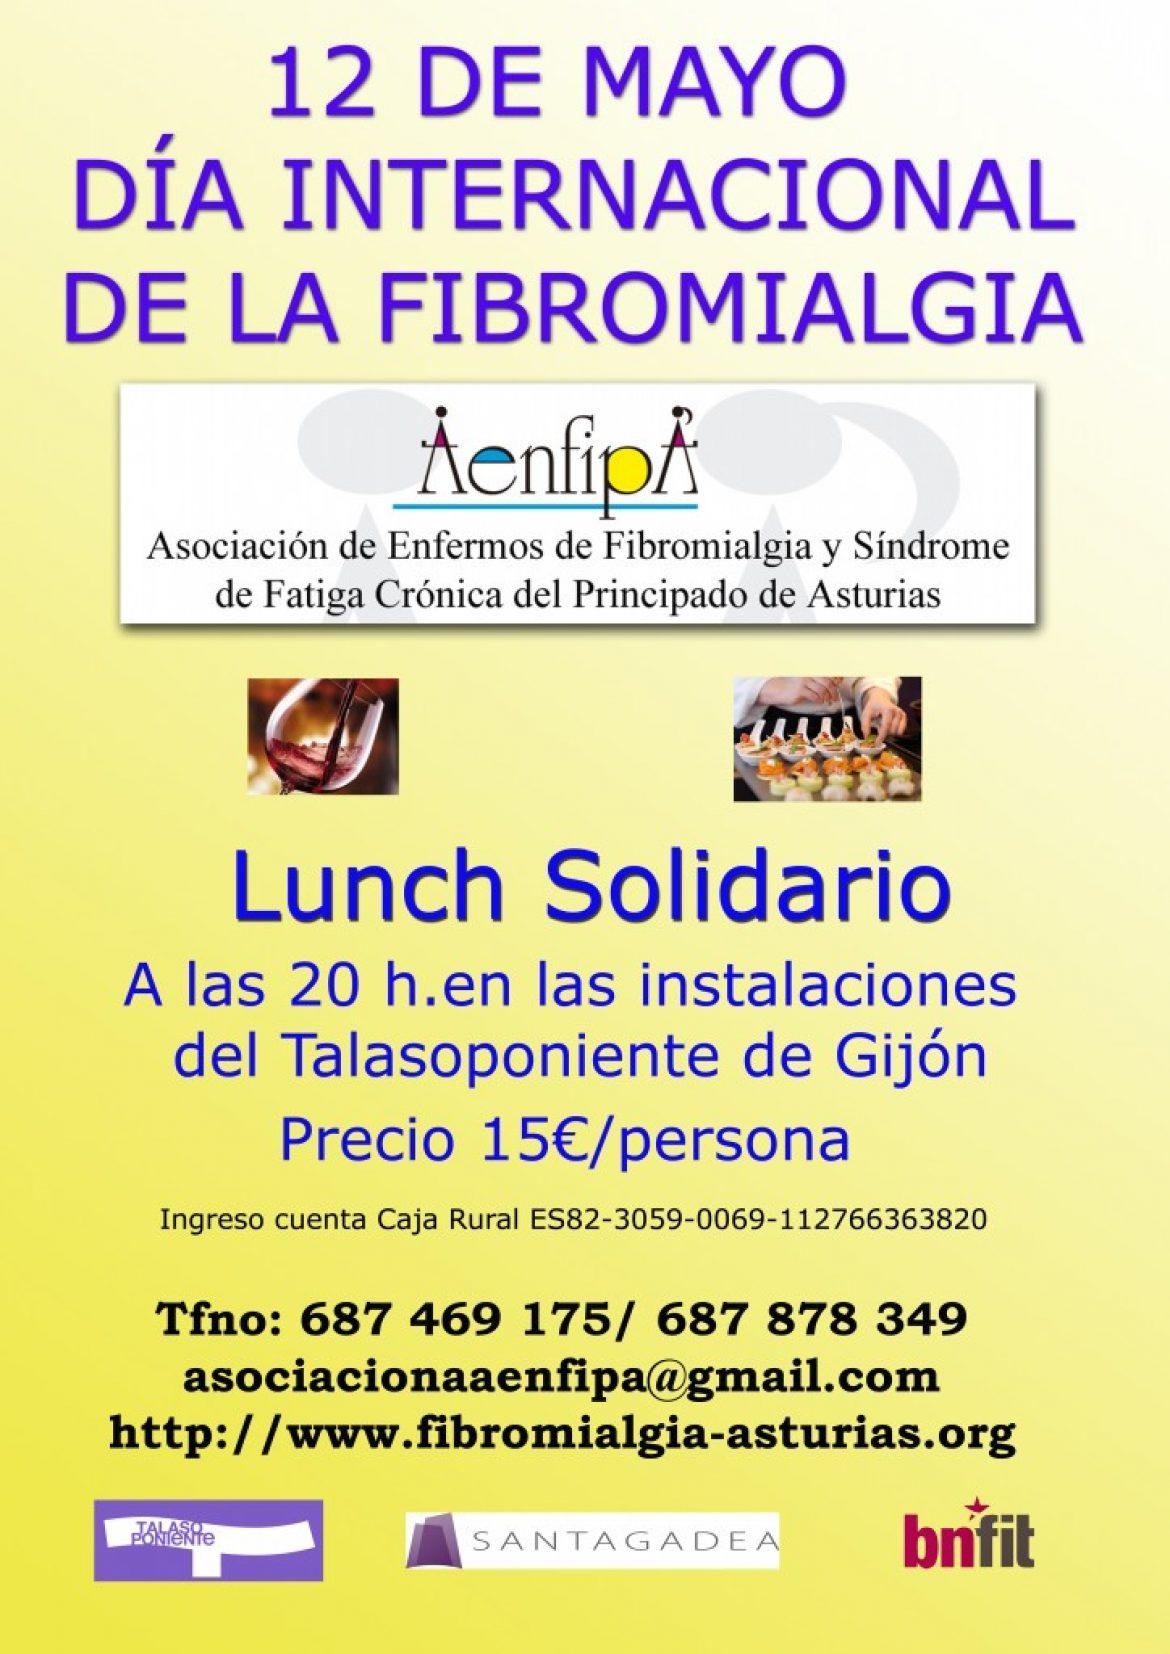 Lunch Solidario , Jueves 12 de Mayo en el Restaurante Paparazzi del Talasoponiente